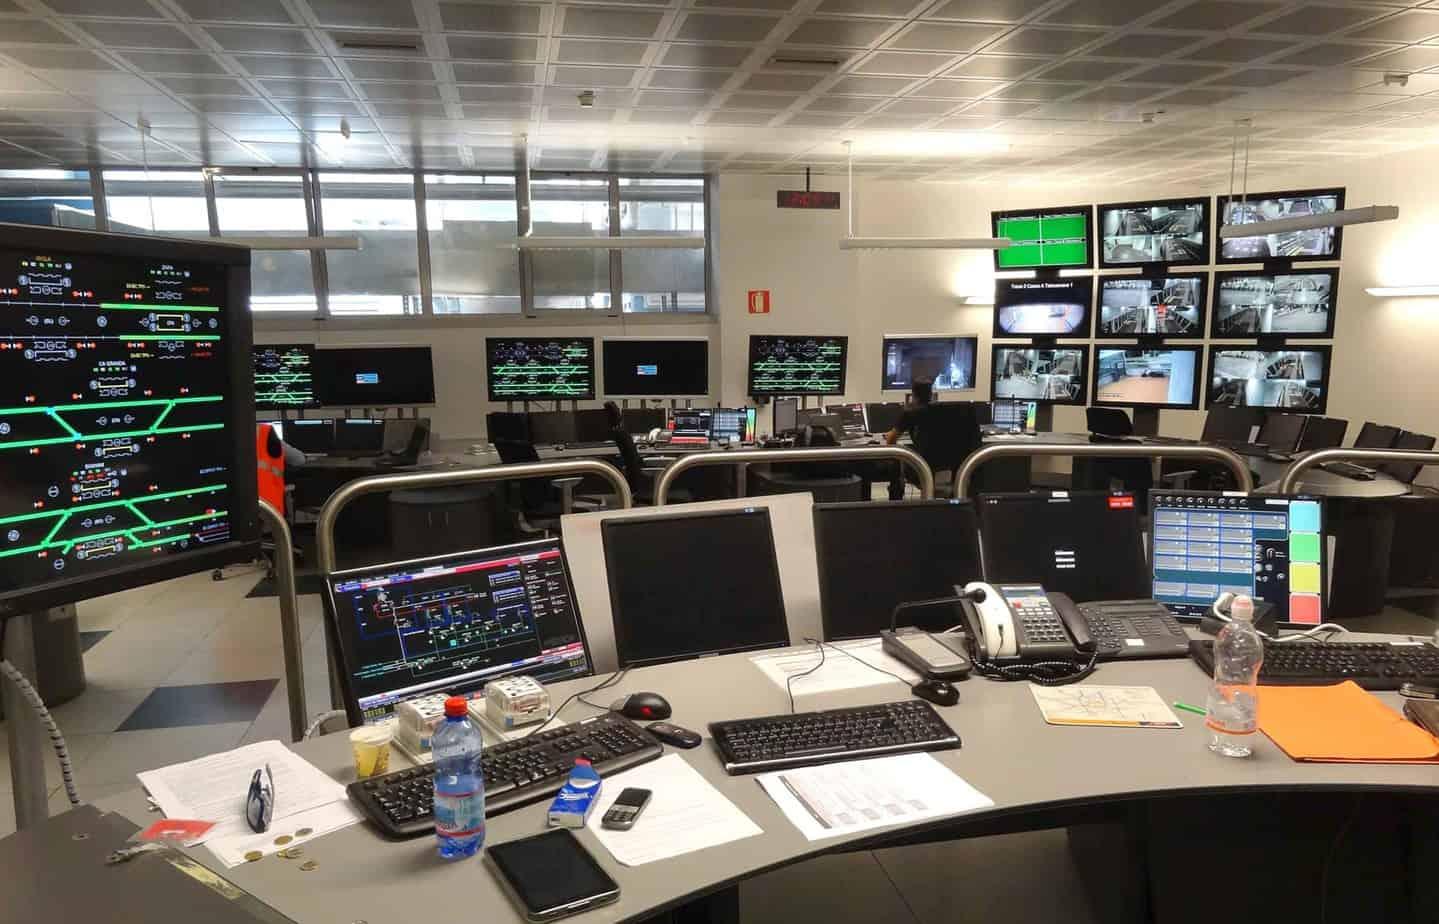 Dal Posto Centrale Operativo si gestisce la supervisione del corretto funzionamento di tutti i sistemi automatici della linea, compresi quelli di sicurezza della linea automatizzata e dell'incolumità dei passeggeri